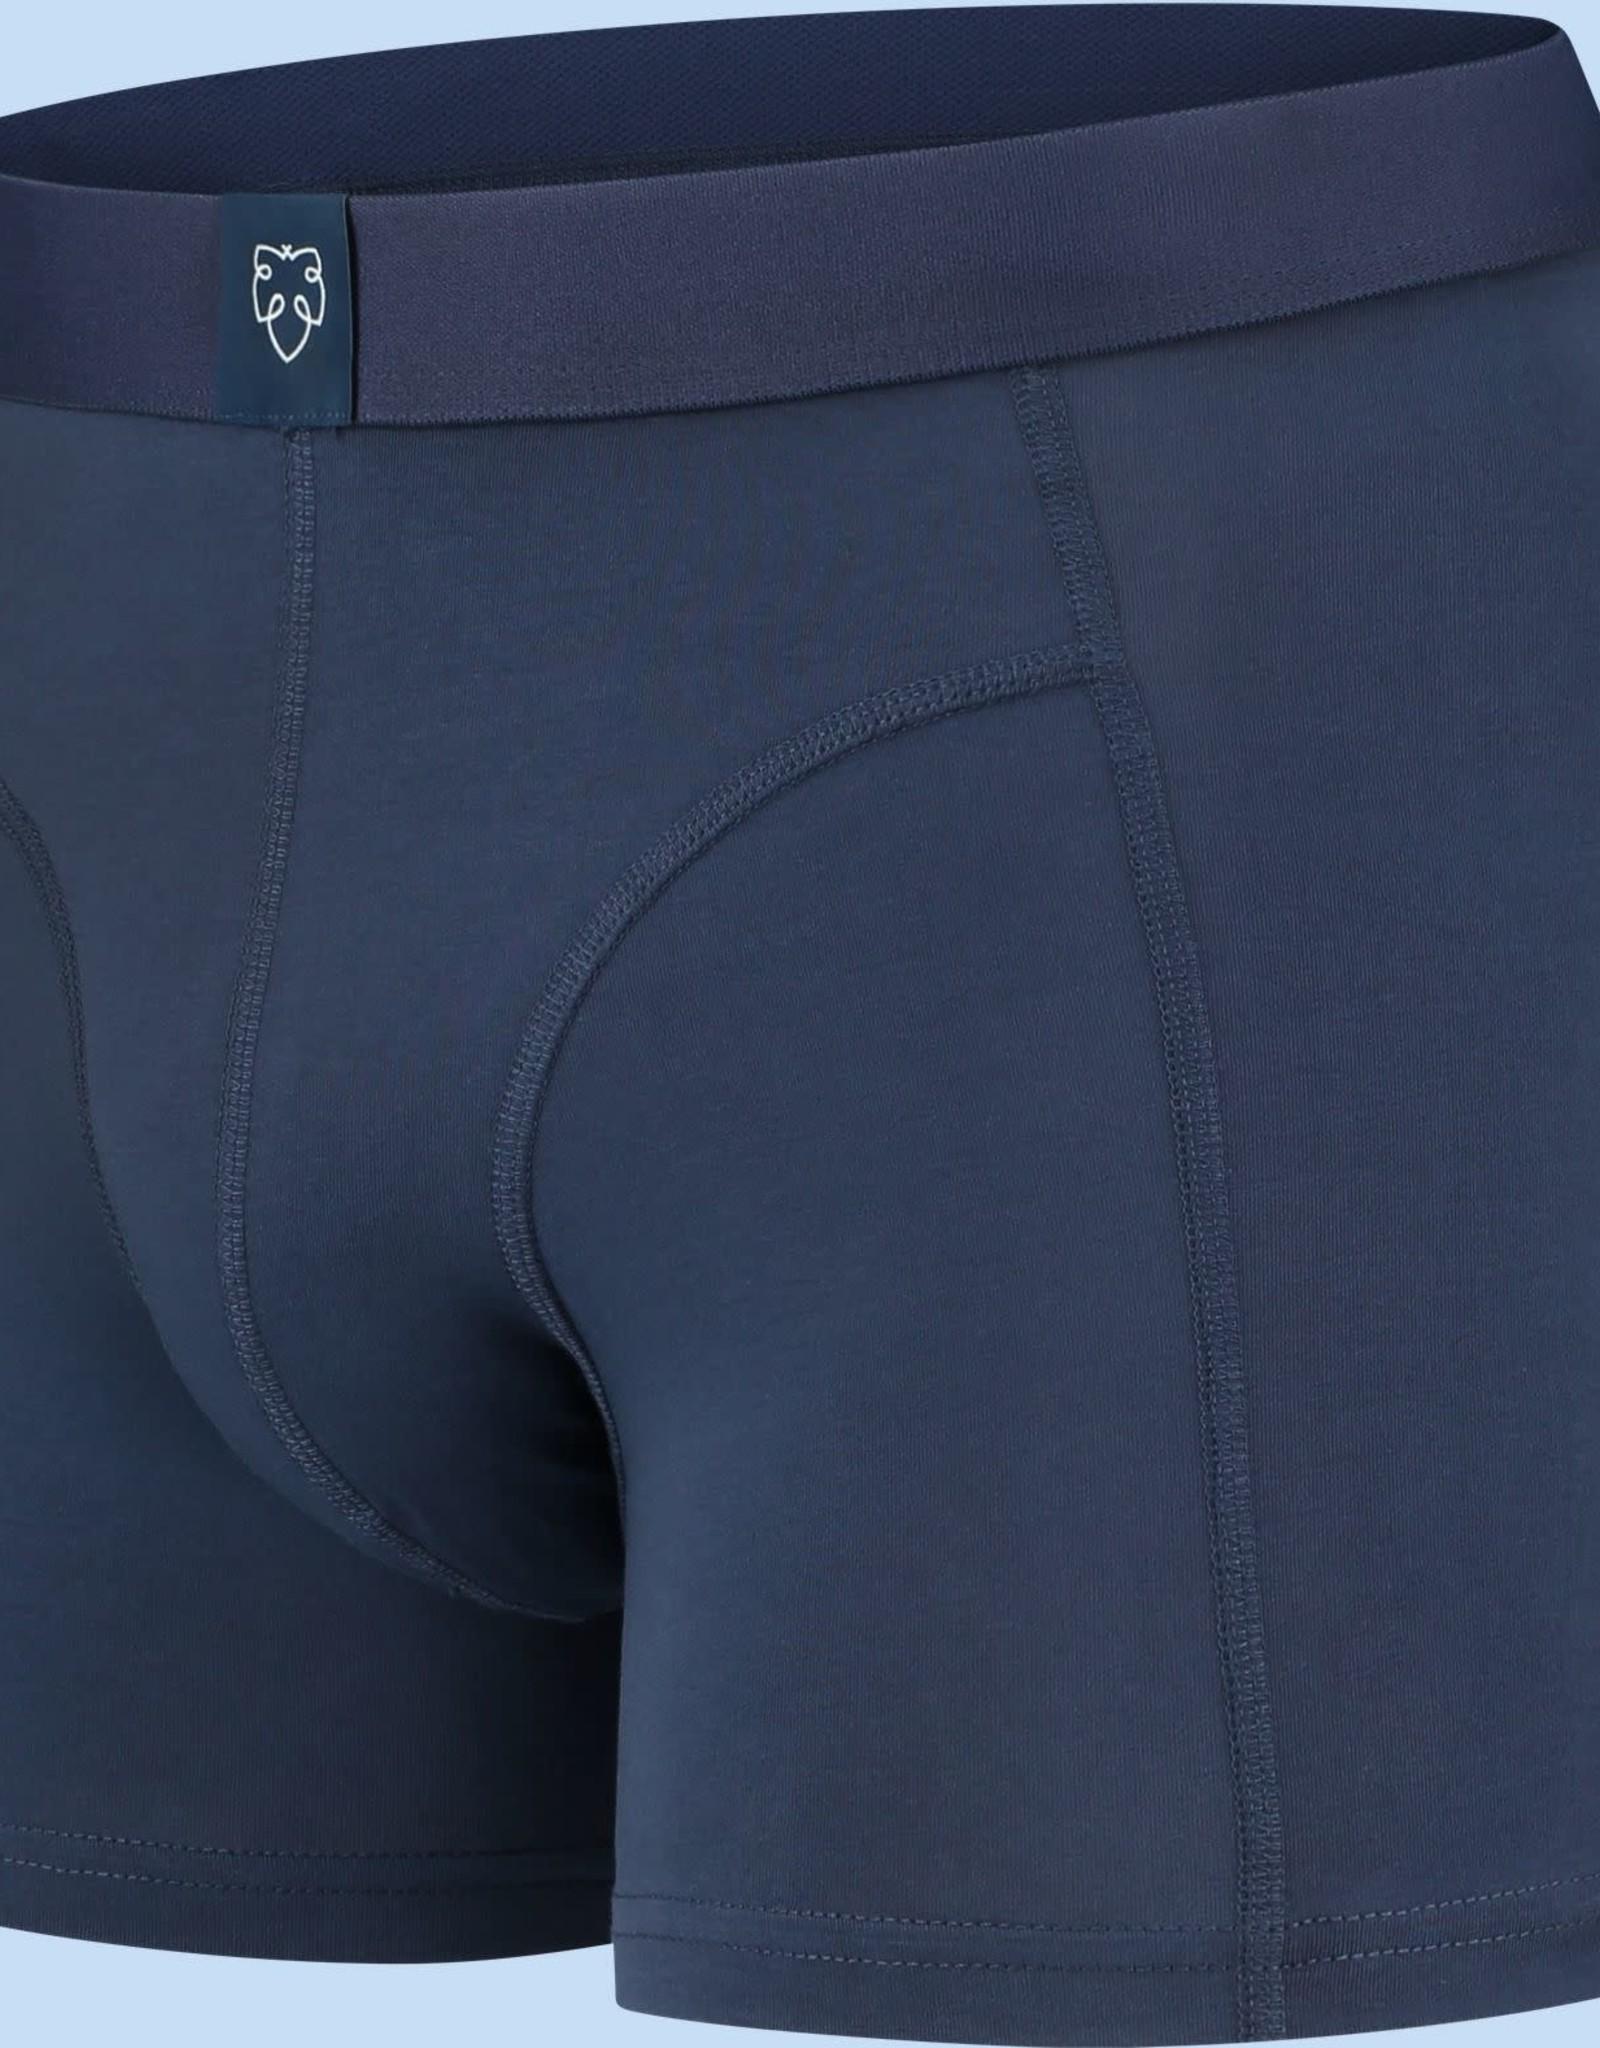 A-dam Underwear boxer Harm 3-pack